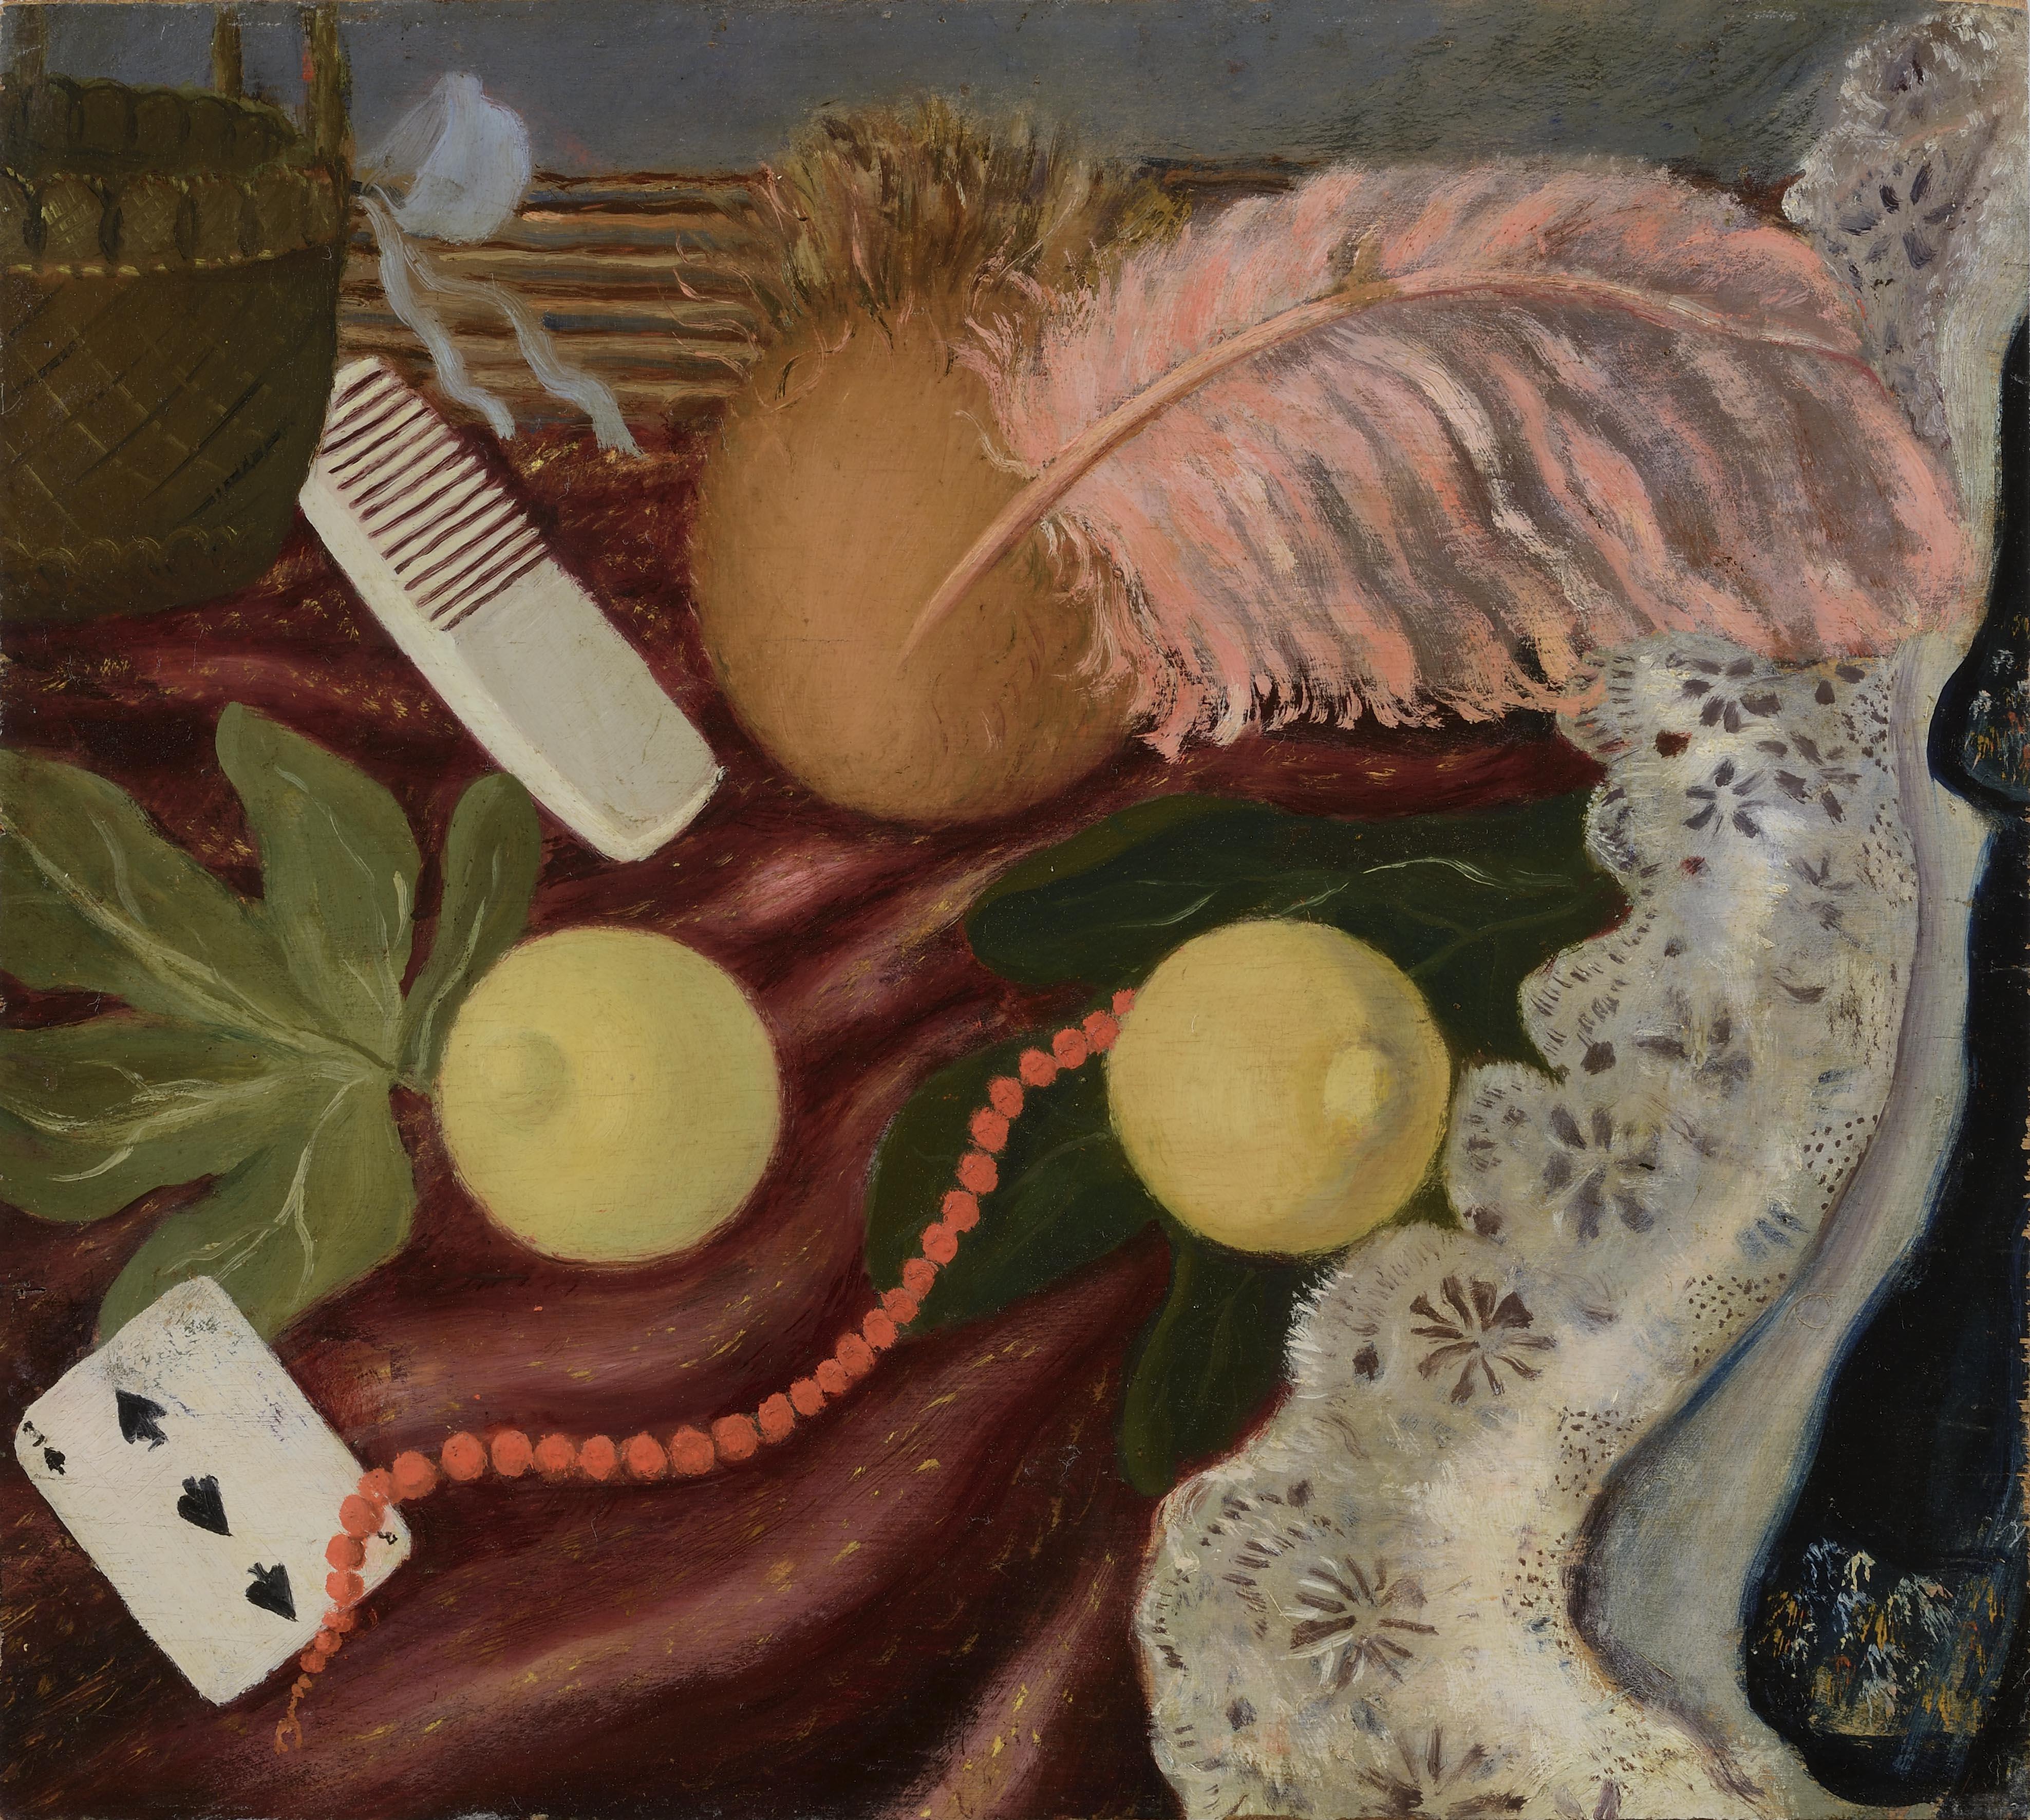 Scipione (Gino Bonichi) Natura morta con piuma, 1929 olio su tavola, cm. 45,5x50,7 Collezione Giuseppe Iannaccone, Milano